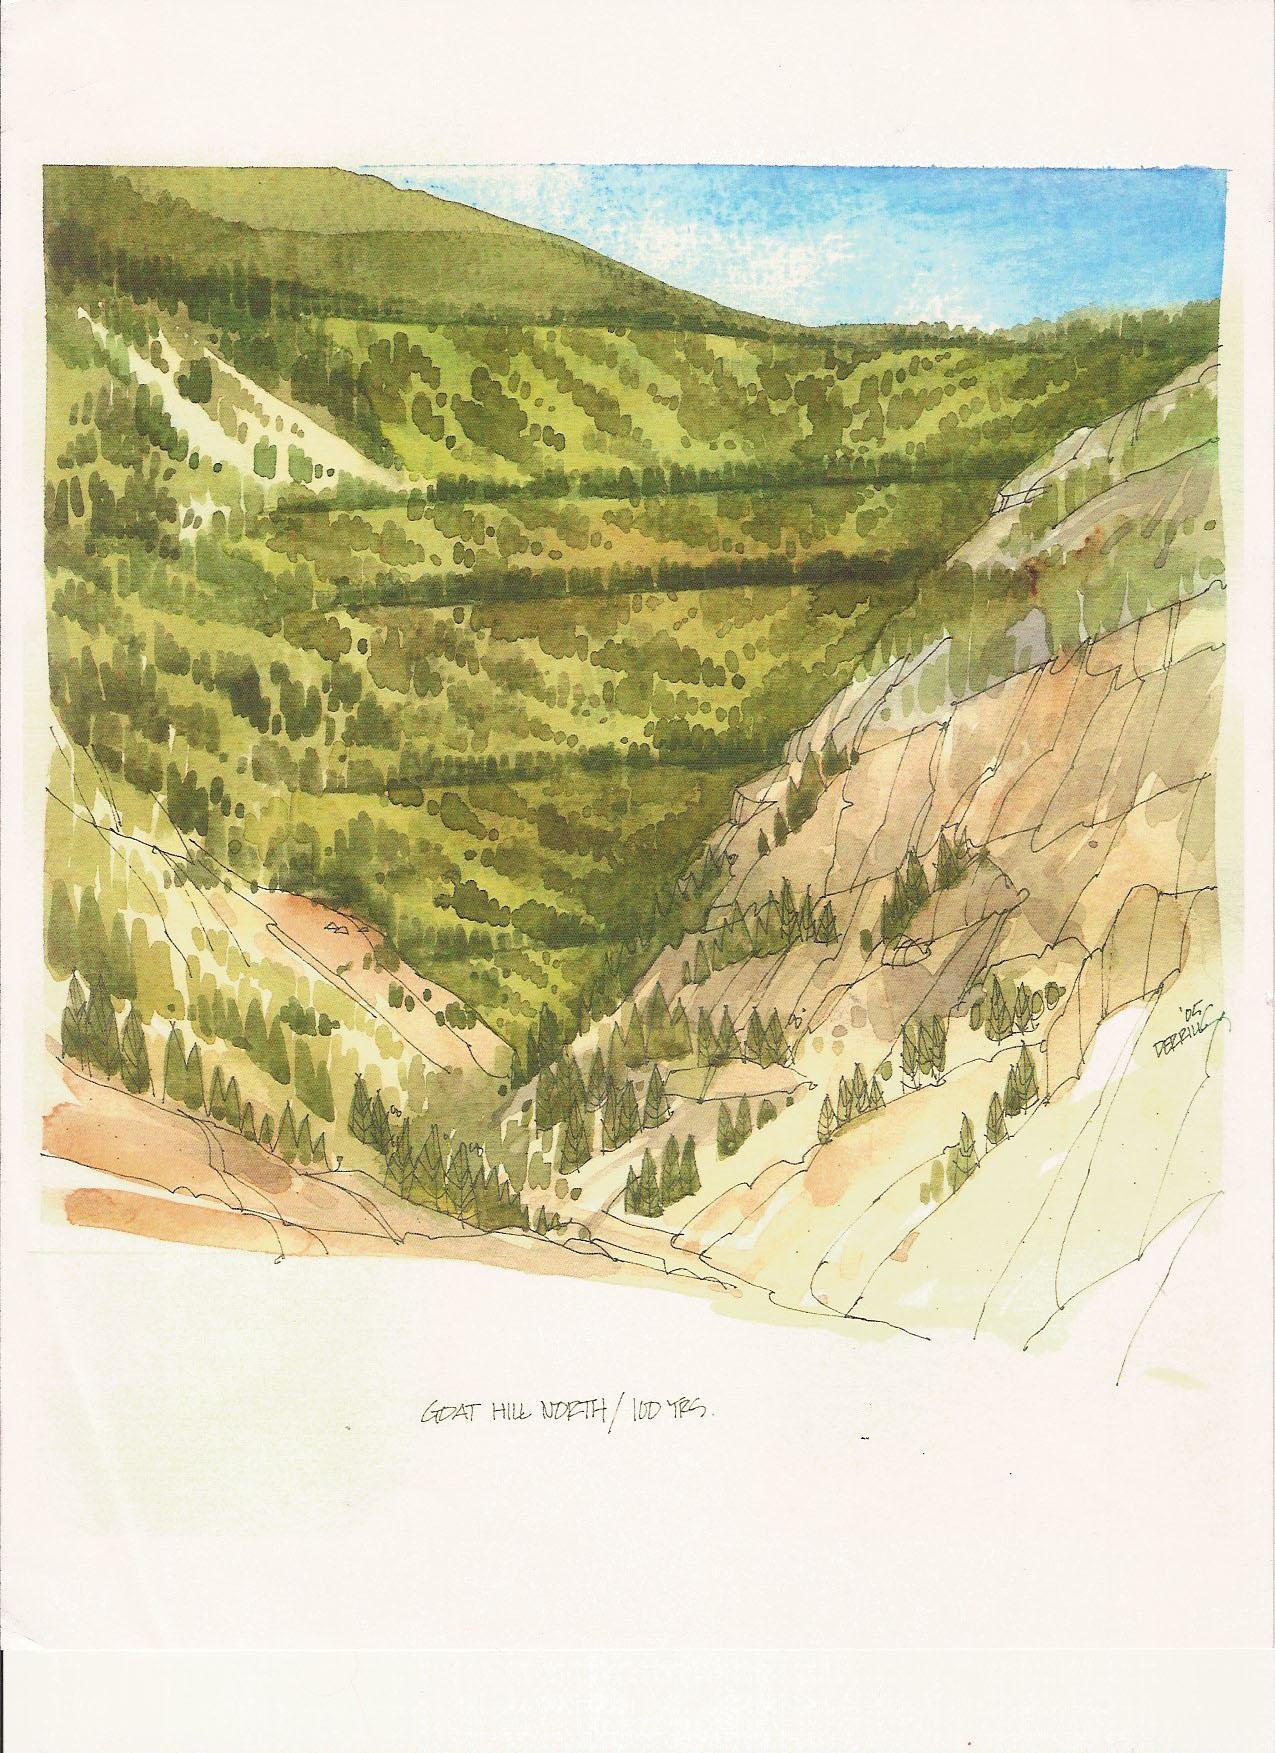 reclaimed landscape-4352649754.jpg